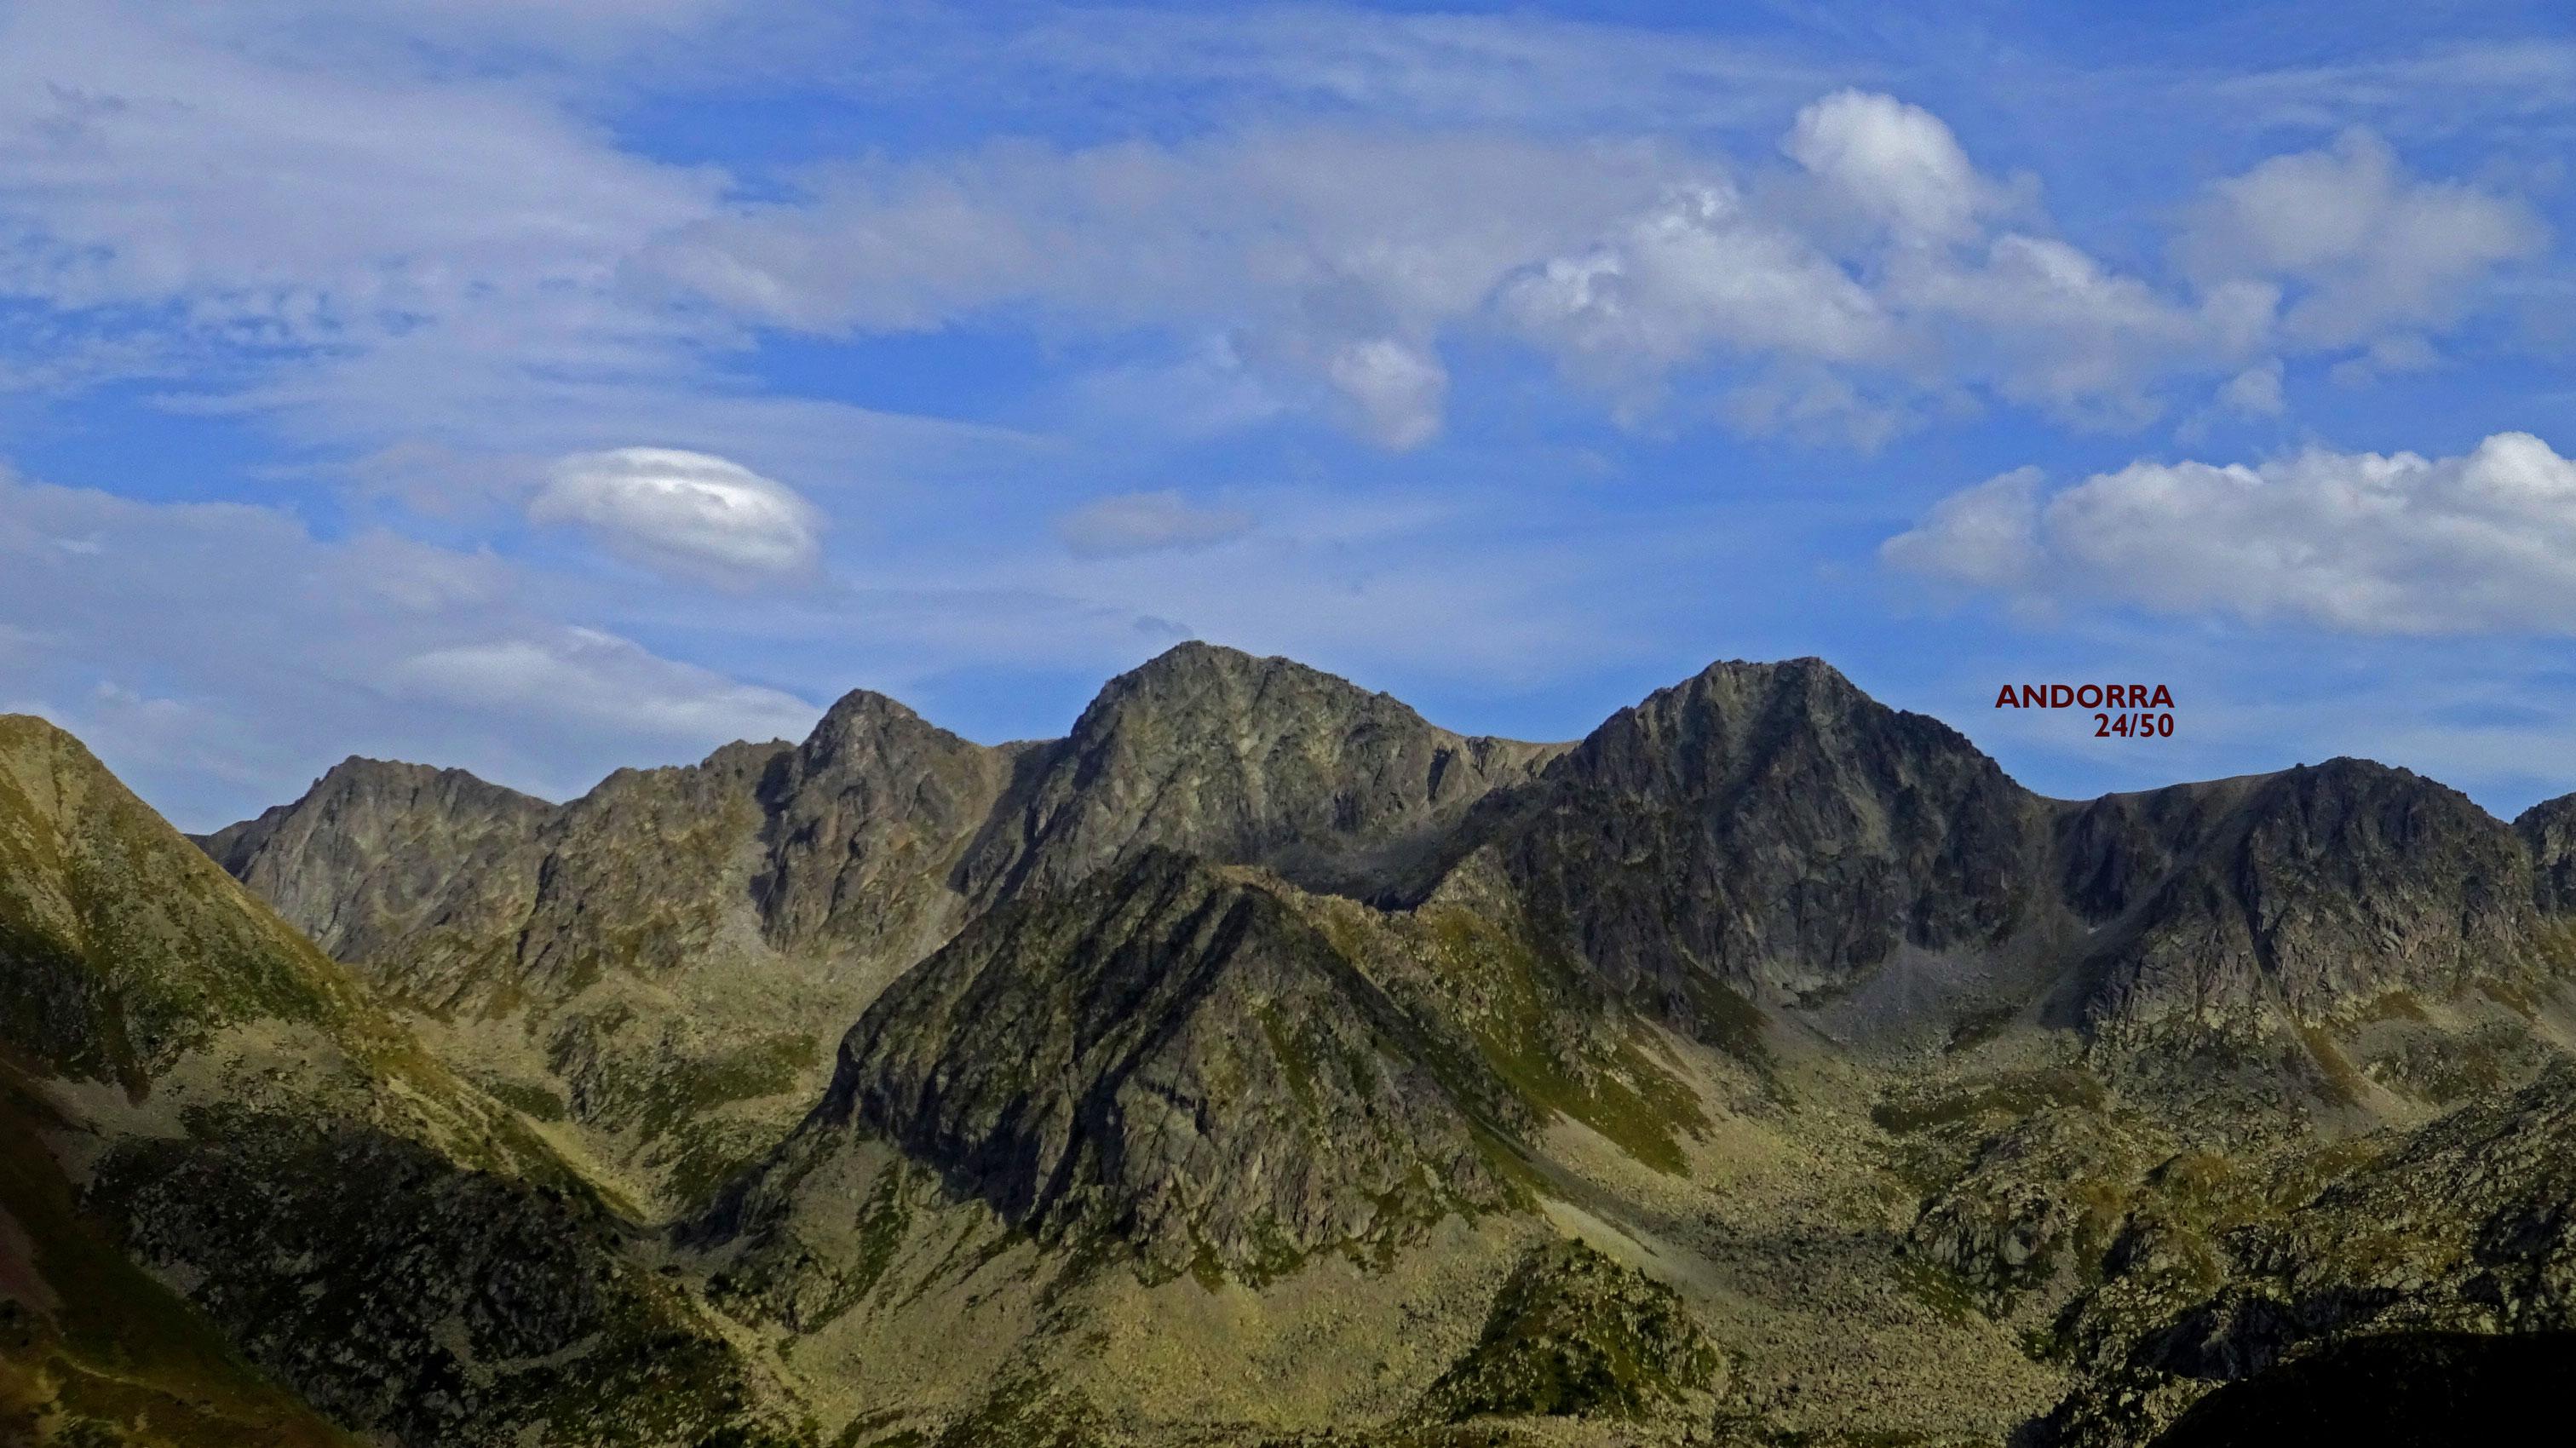 DAY 10: Ava Andorra